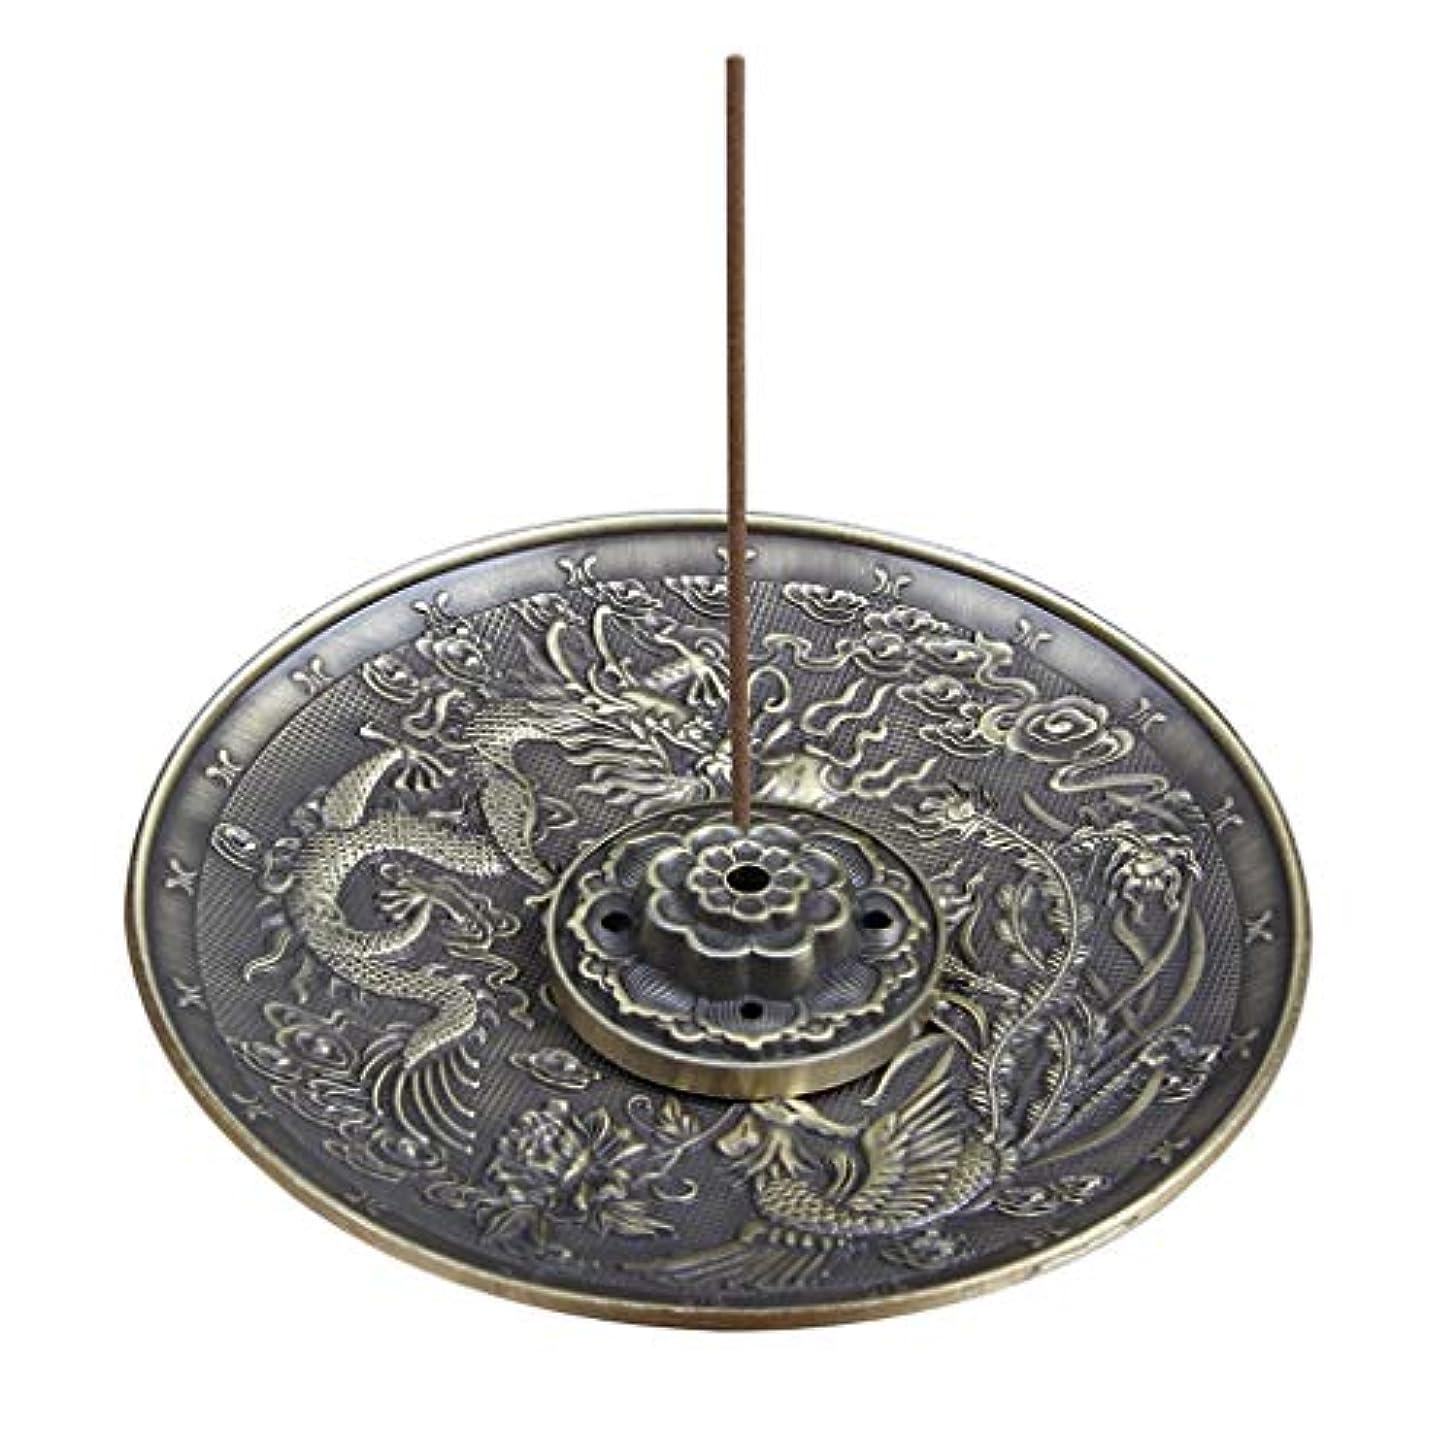 食事を調理するポップ委任合金線香ホルダーロータススティック線香バーナードラゴンとフェニックスコーン線香オイルバーナー灰との逆流キャッチャー(5穴) (Color : Bronze, サイズ : 3.77*0.51inches)